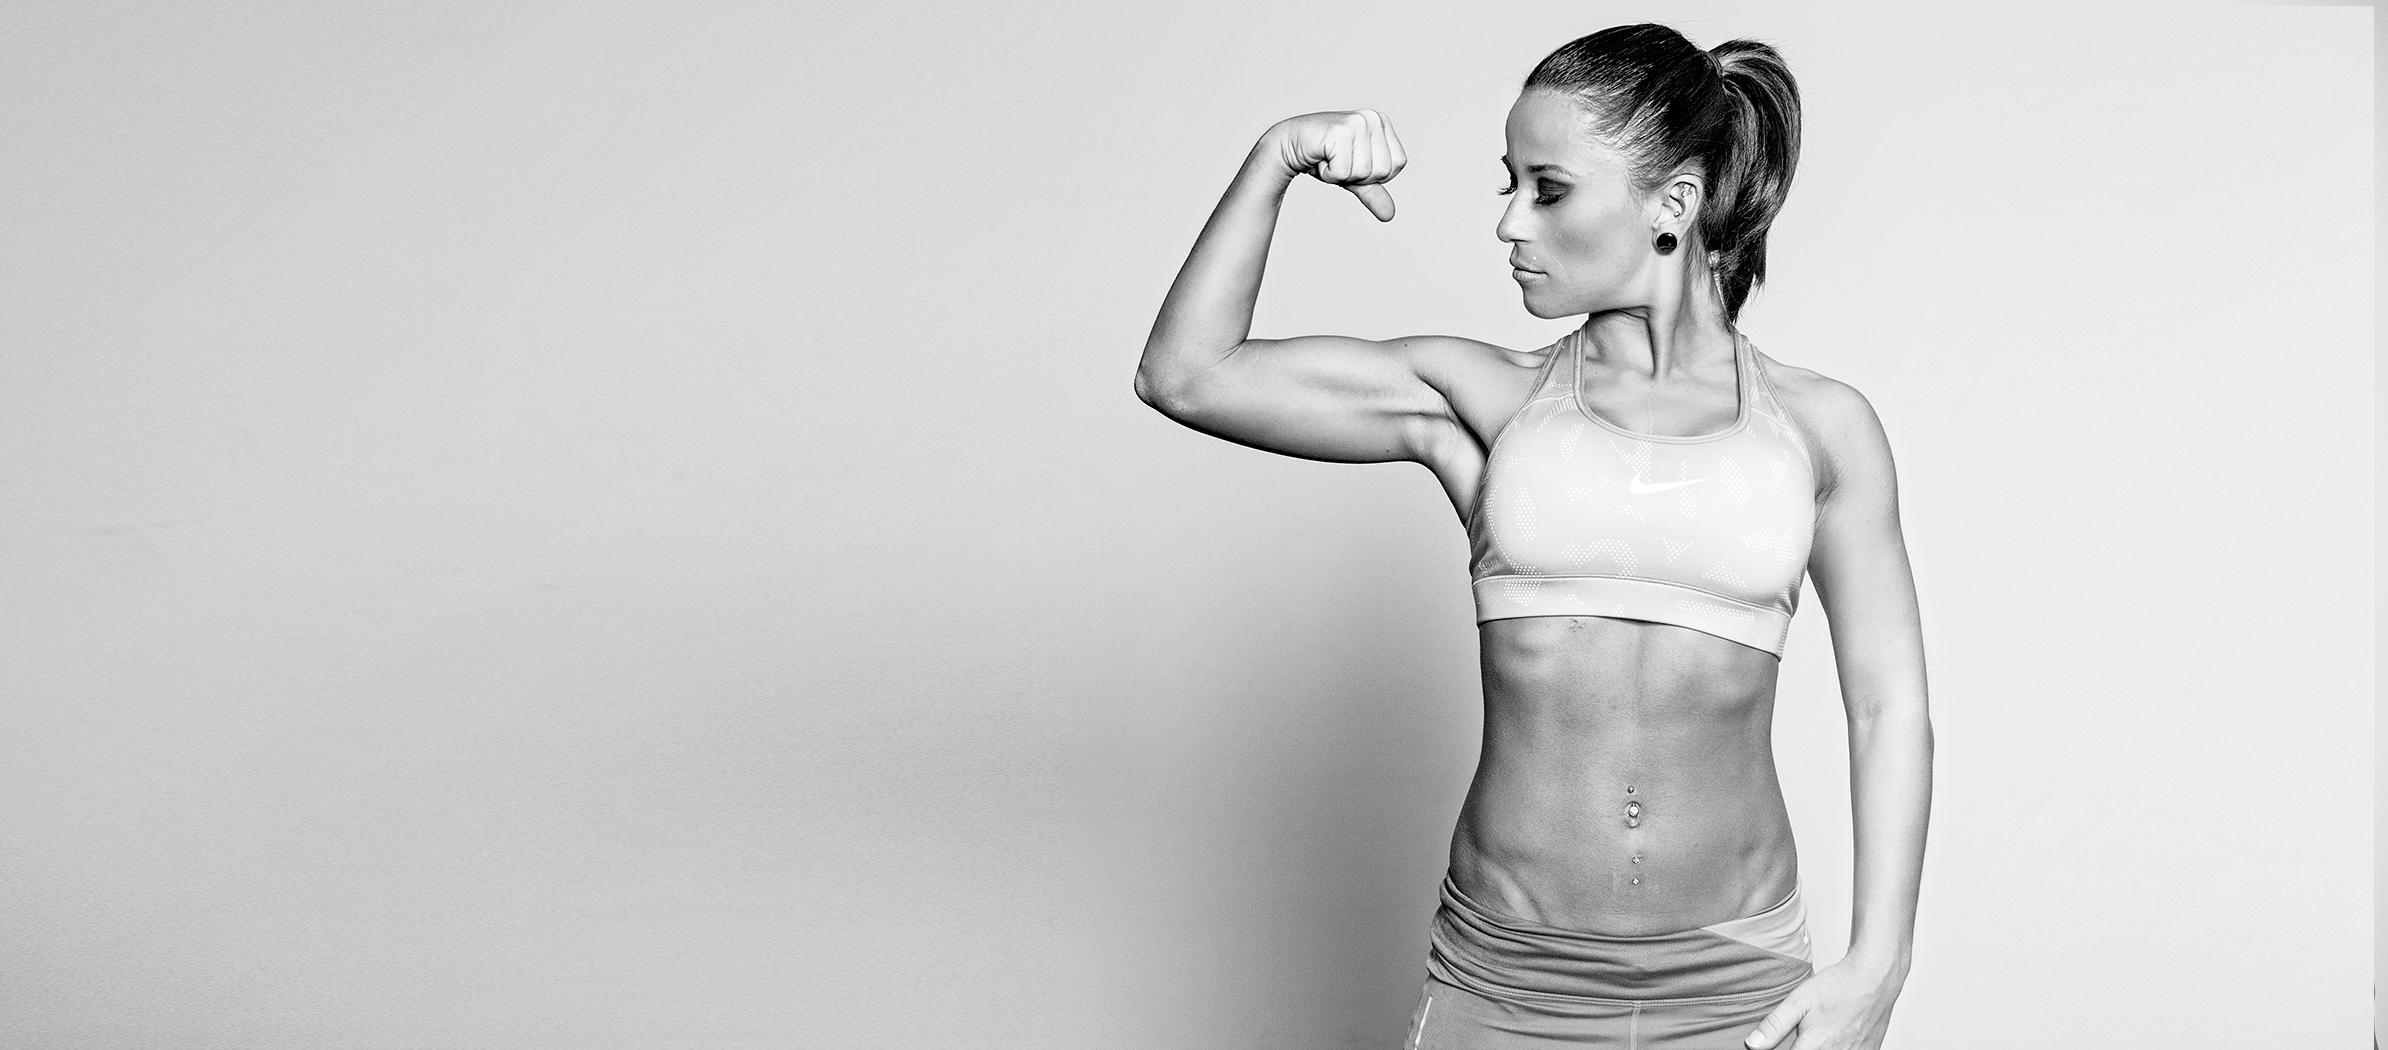 Johanna Fischer Fitness Model 2